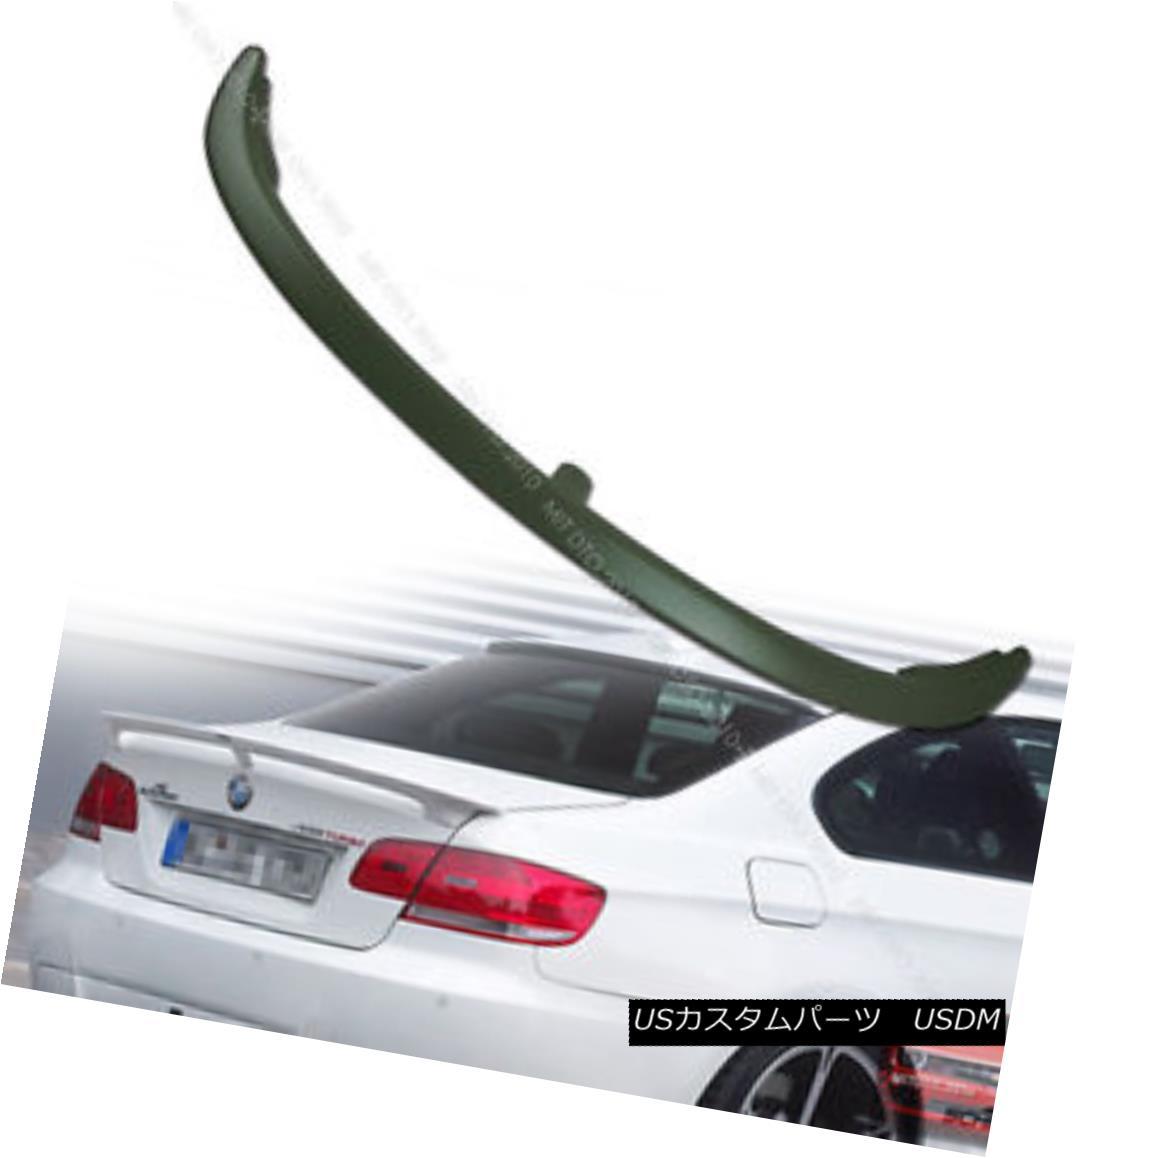 エアロパーツ E92 3-Series BMW A Type Trunk Spoiler Rear Wing 07 13 Unpainted § E92 3シリーズBMW Aタイプトランクスポイラーリアウイング07 13未塗装